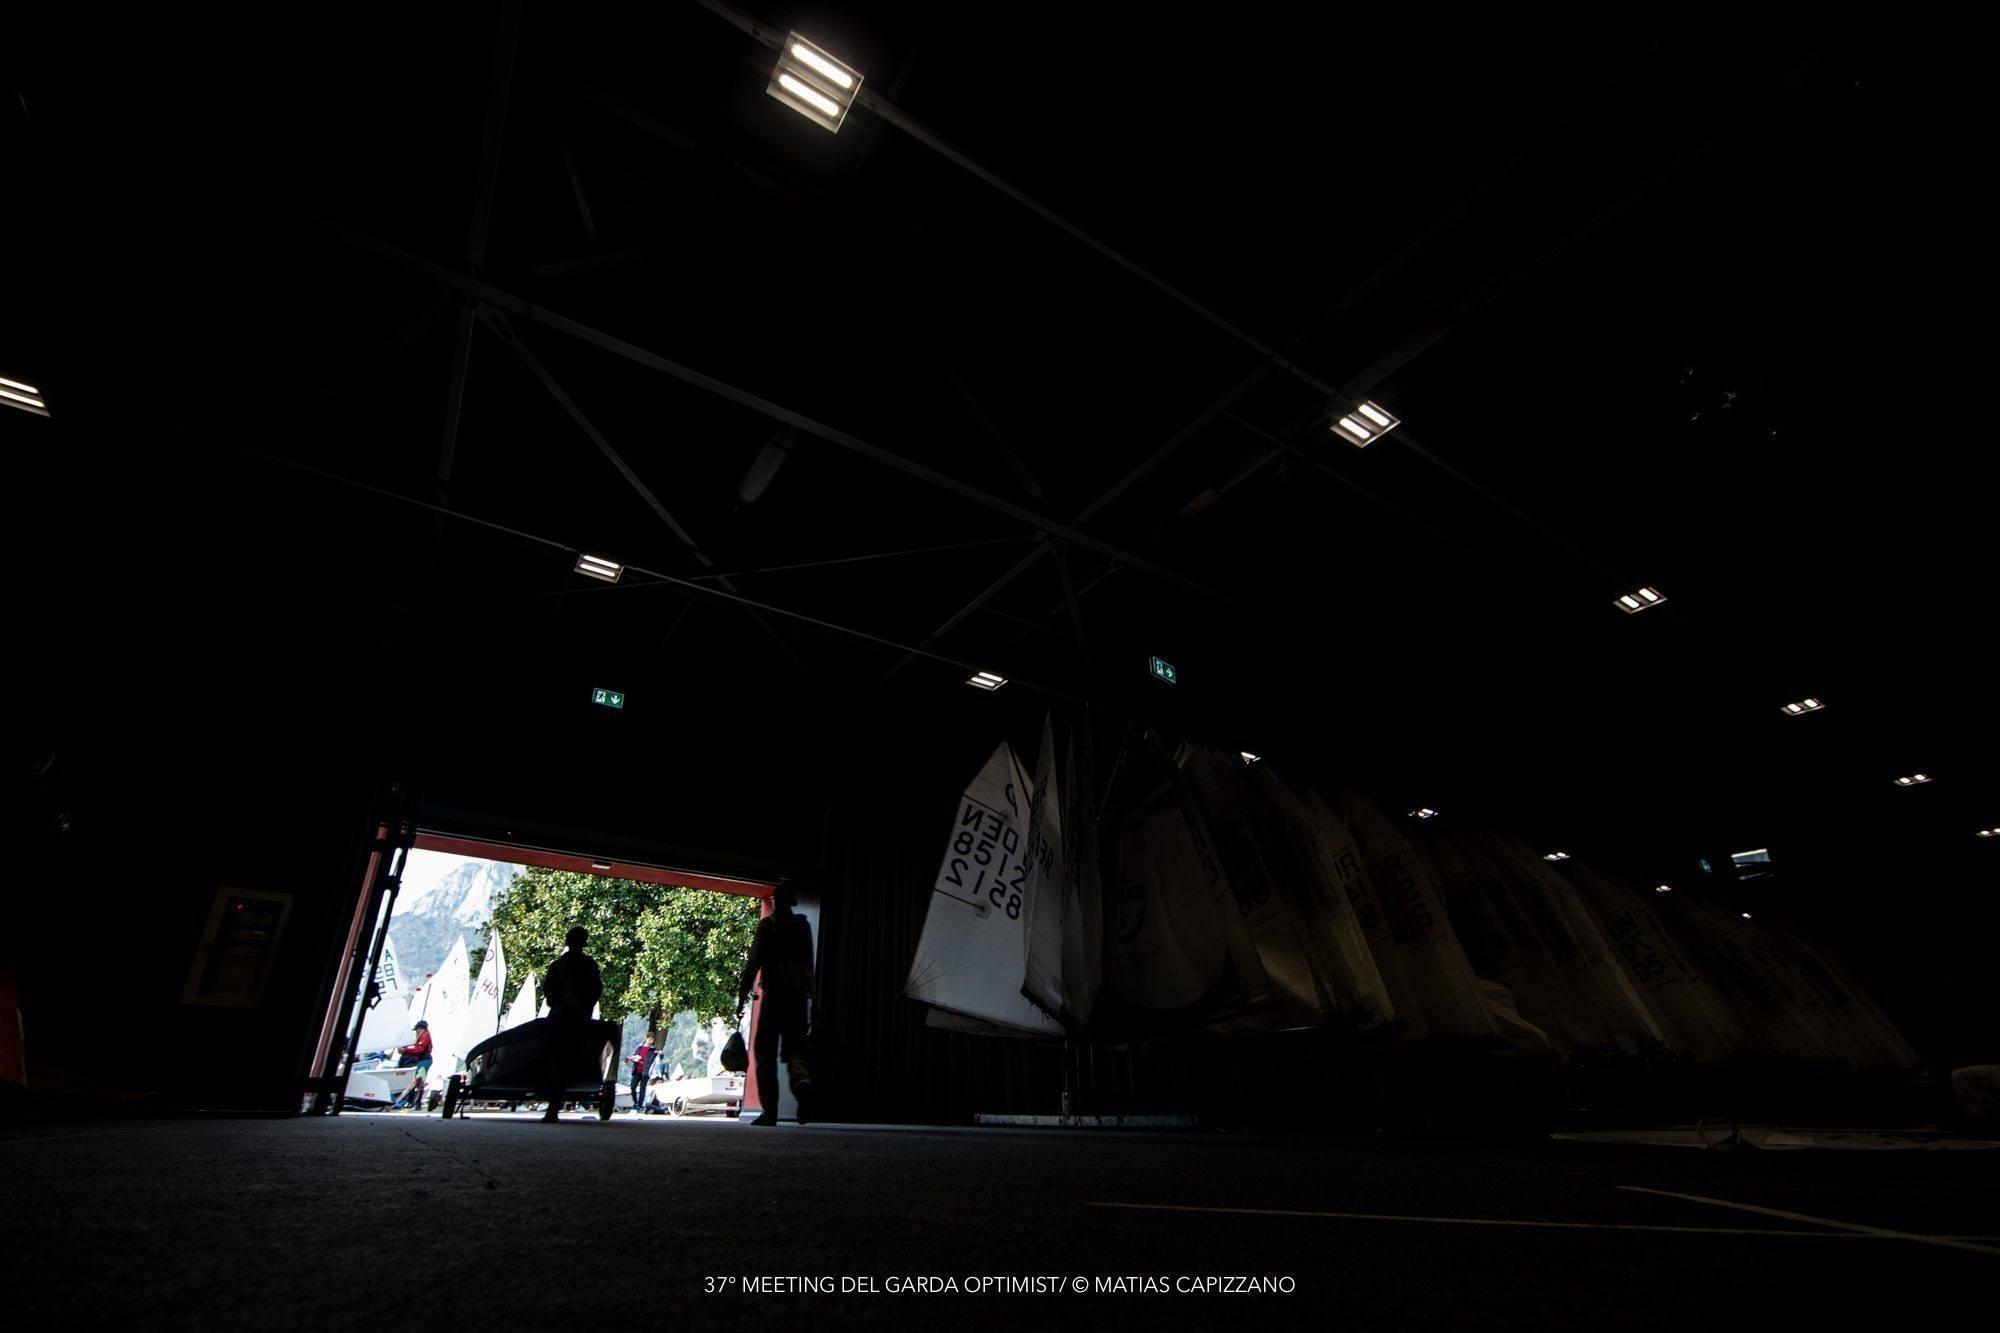 37° MEETING DEL GARDA OPTIMIST© Matias Capizzano